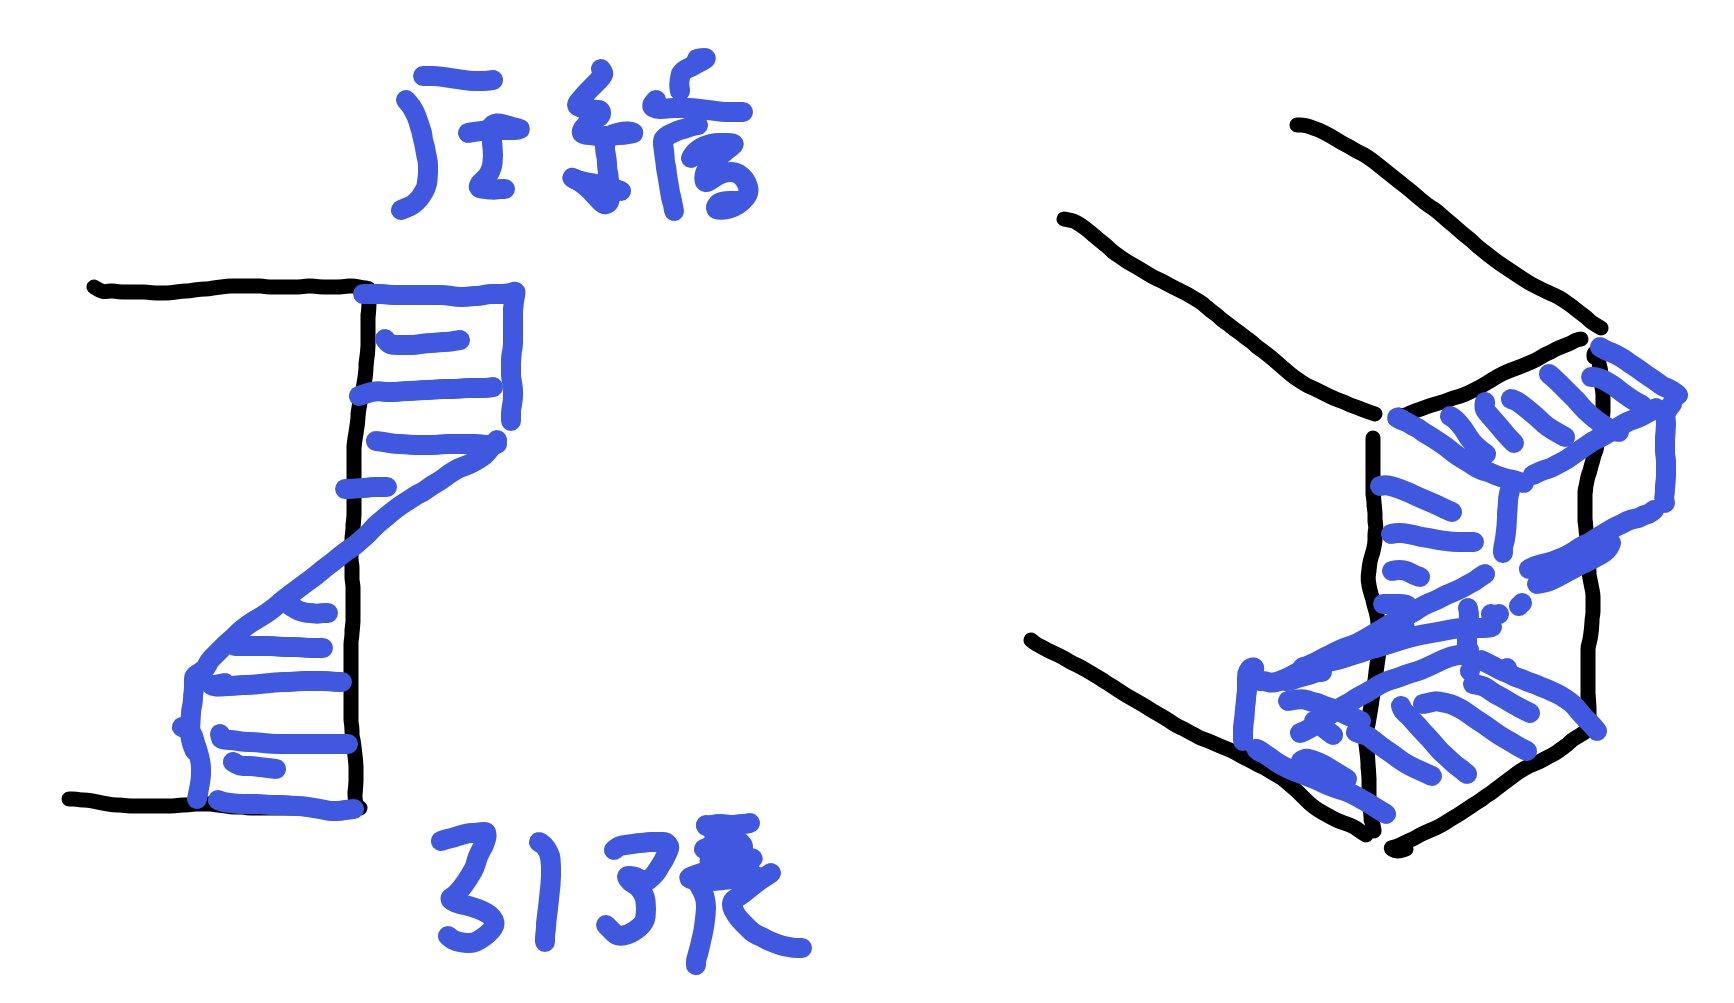 部材に生じる弾塑性モーメント